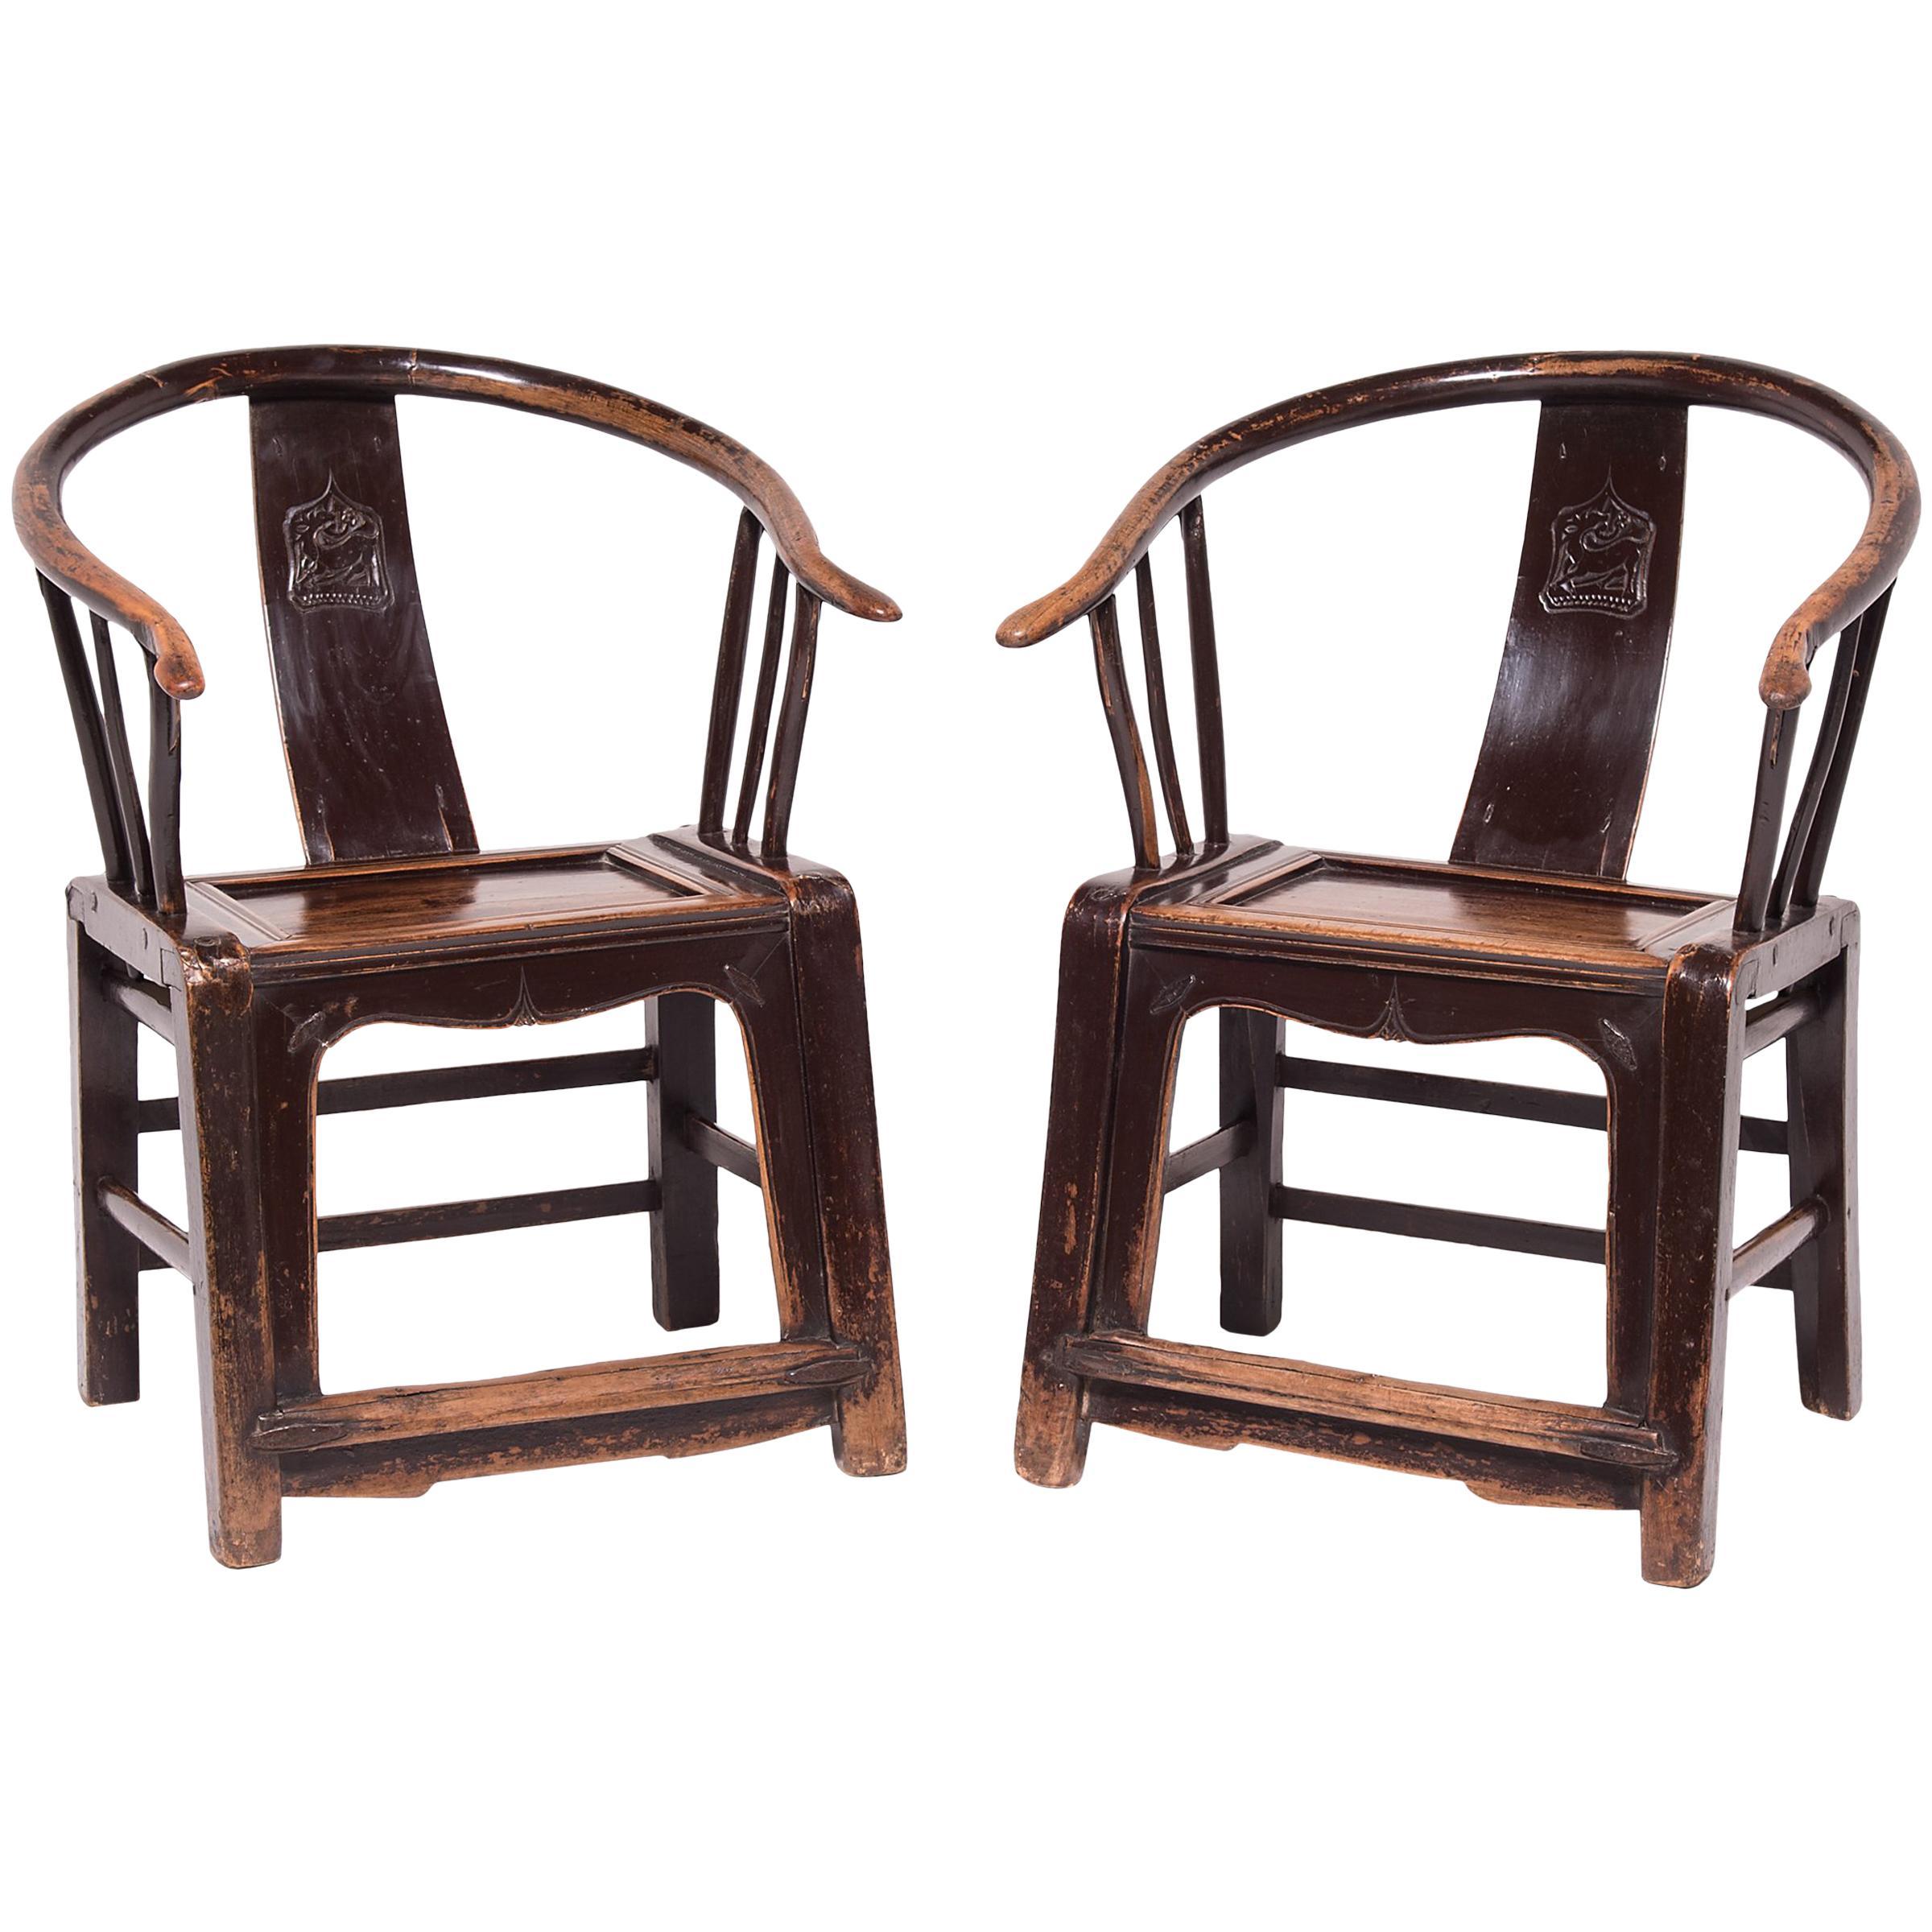 Pair of 19th Century Chinese Roundback Chairs